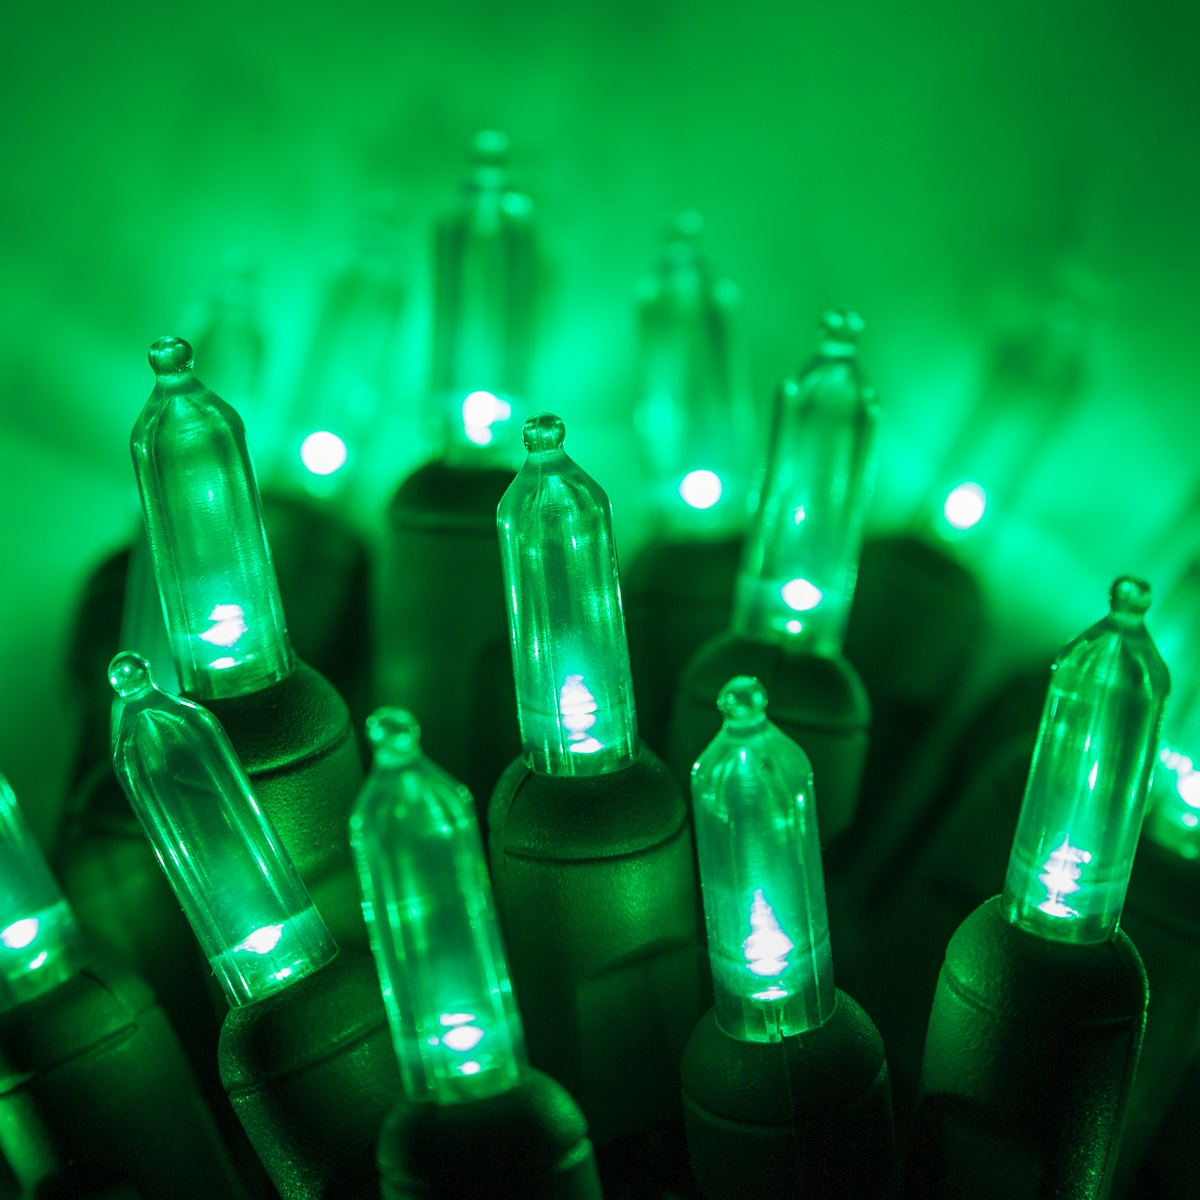 Green Led Christmas Lights